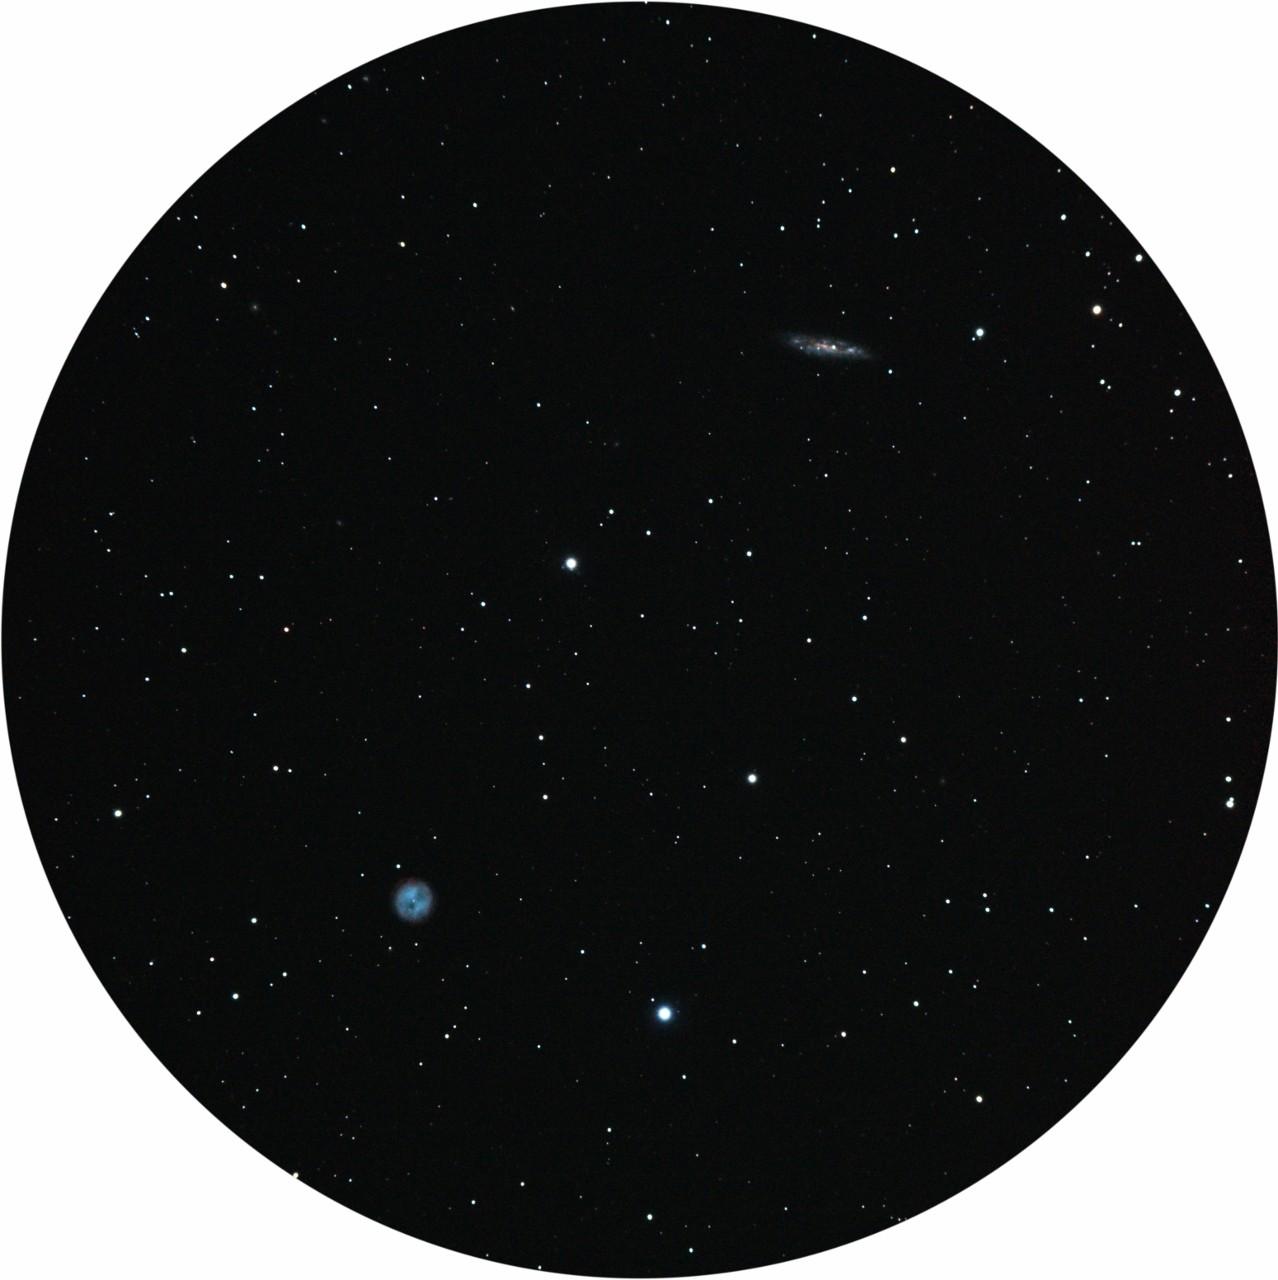 ふくろう星雲M97&M108